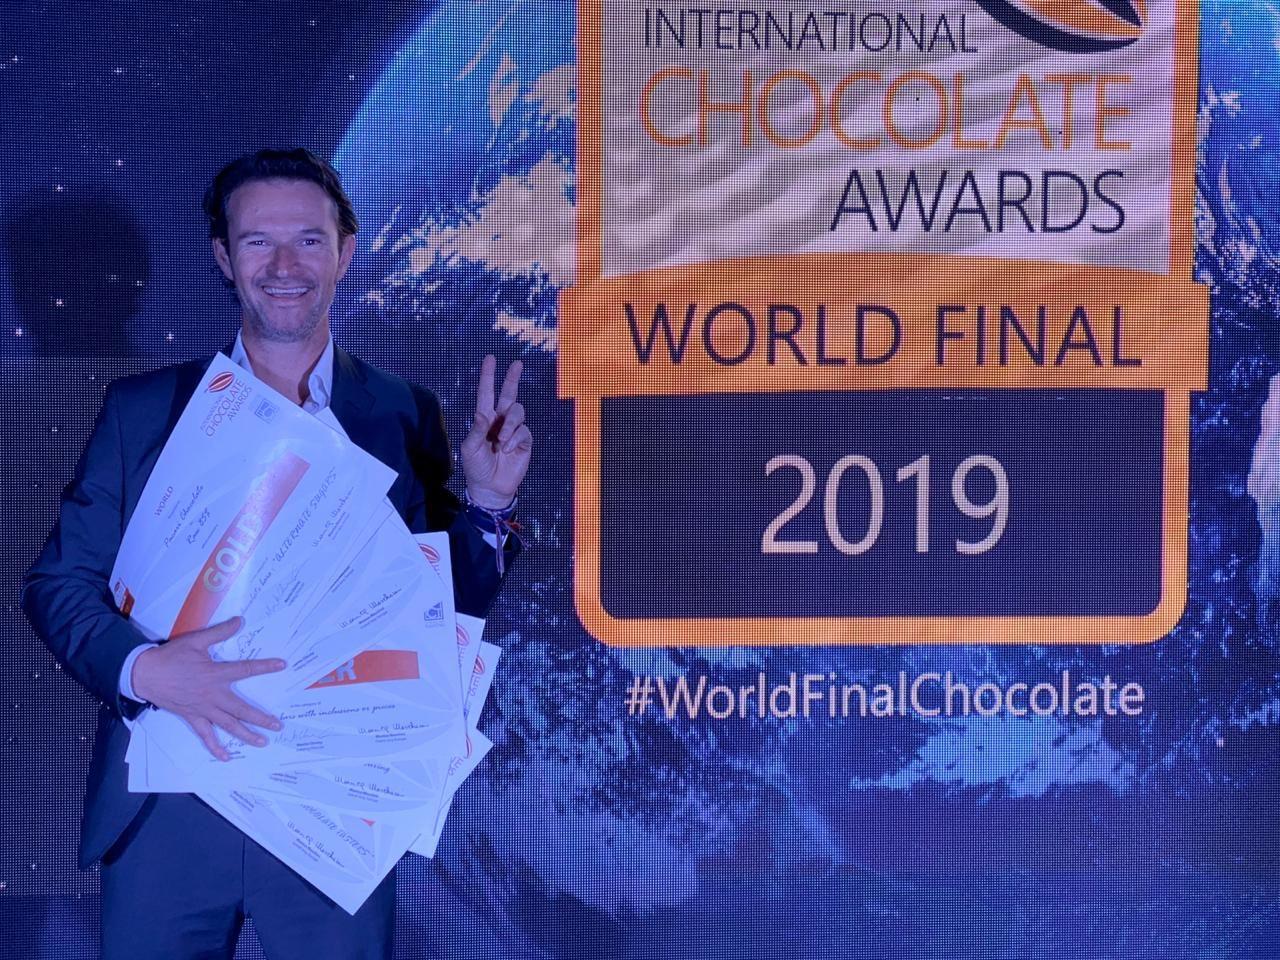 El chocolate ecuatoriano recibe 13 reconocimientos mundiales